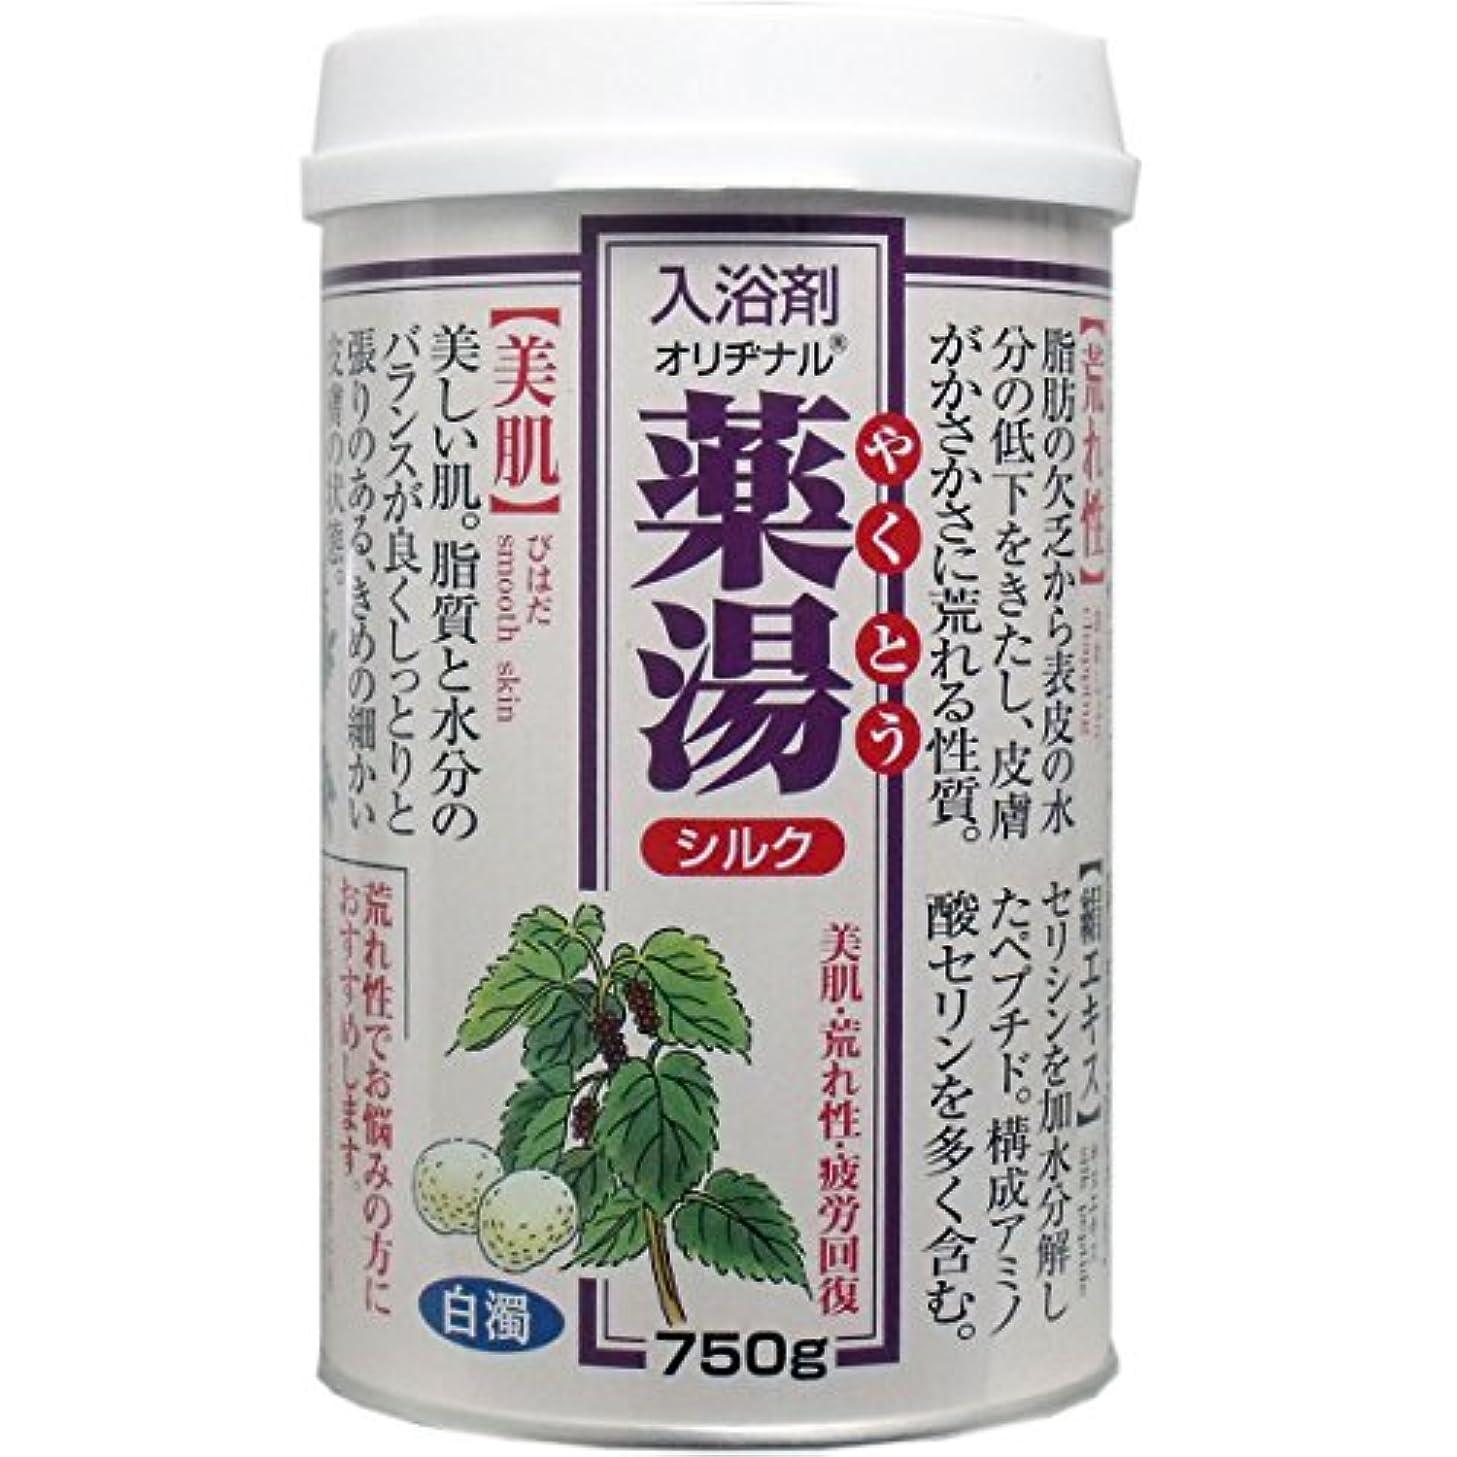 作りご覧ください症候群【まとめ買い】NEWオリヂナル薬湯 シルク 750g ×2セット